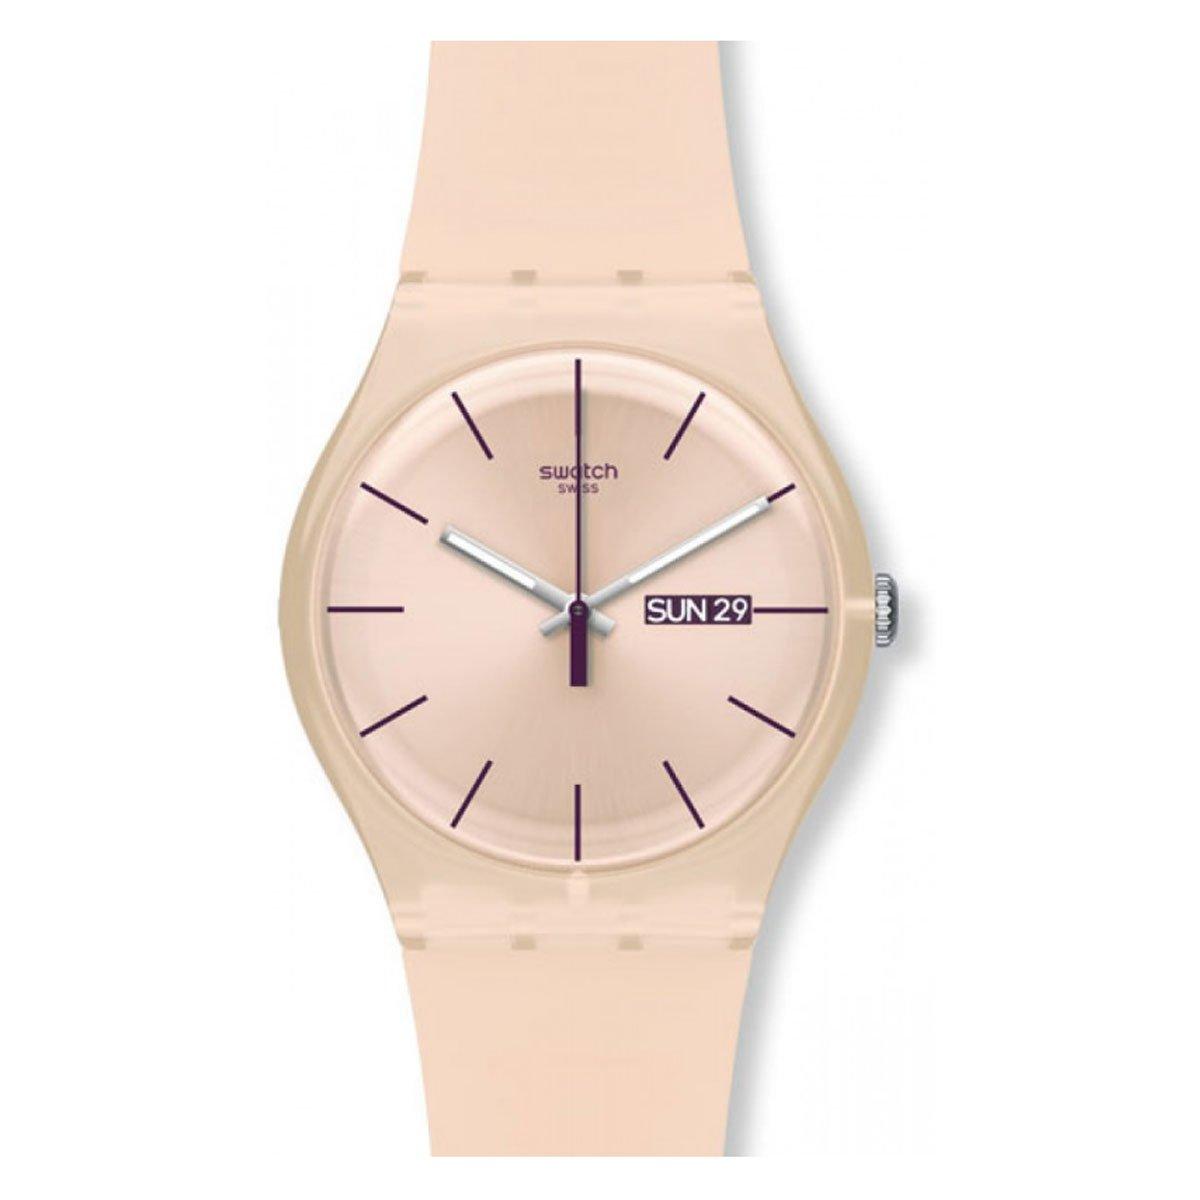 Swatch Reloj Analógico de Cuarzo para Mujer con Correa de...